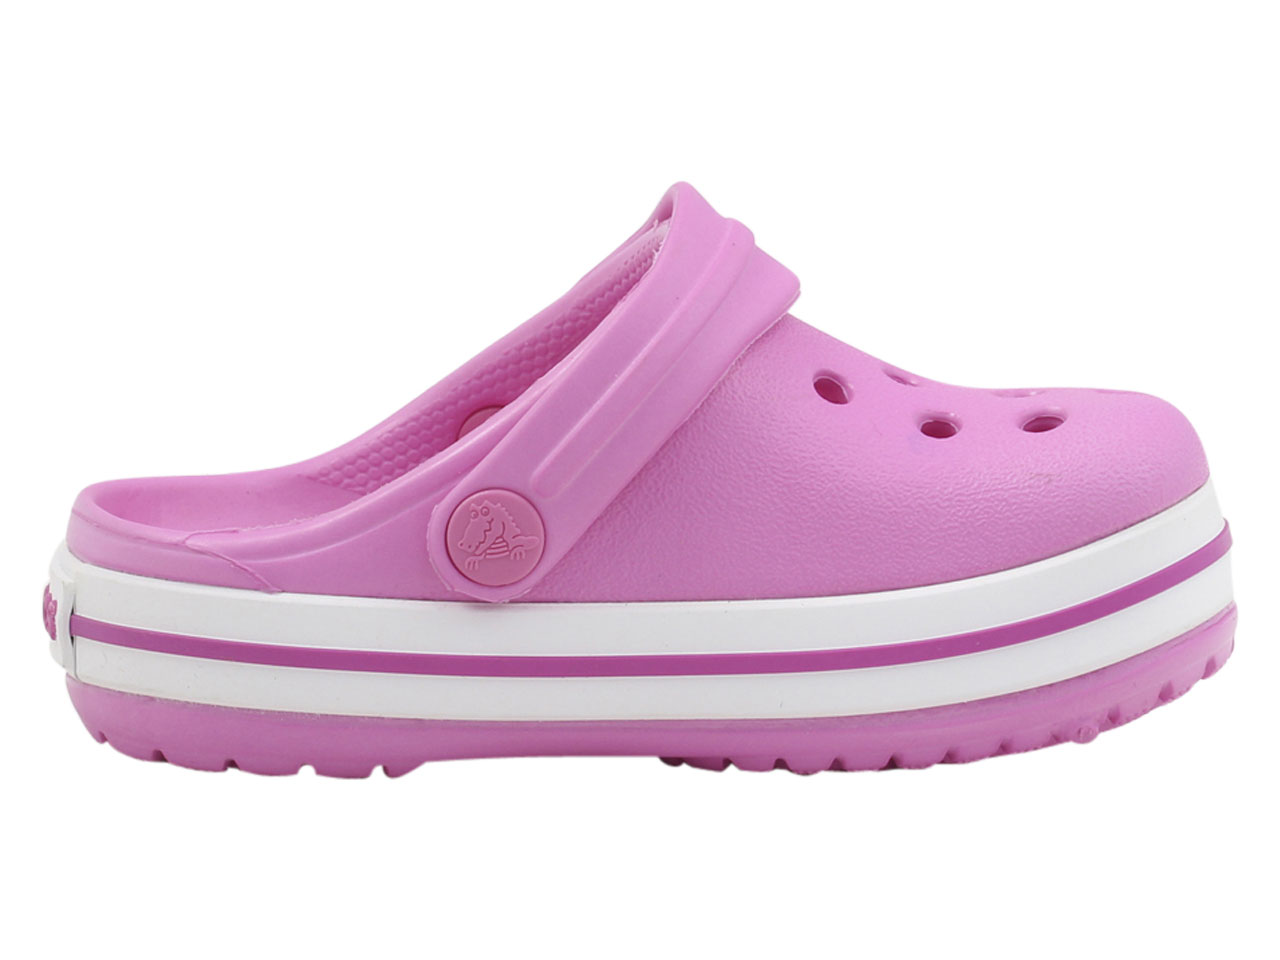 Crocs-Little-Kid-039-s-Crocband-Clogs-Sandals-Shoes thumbnail 12